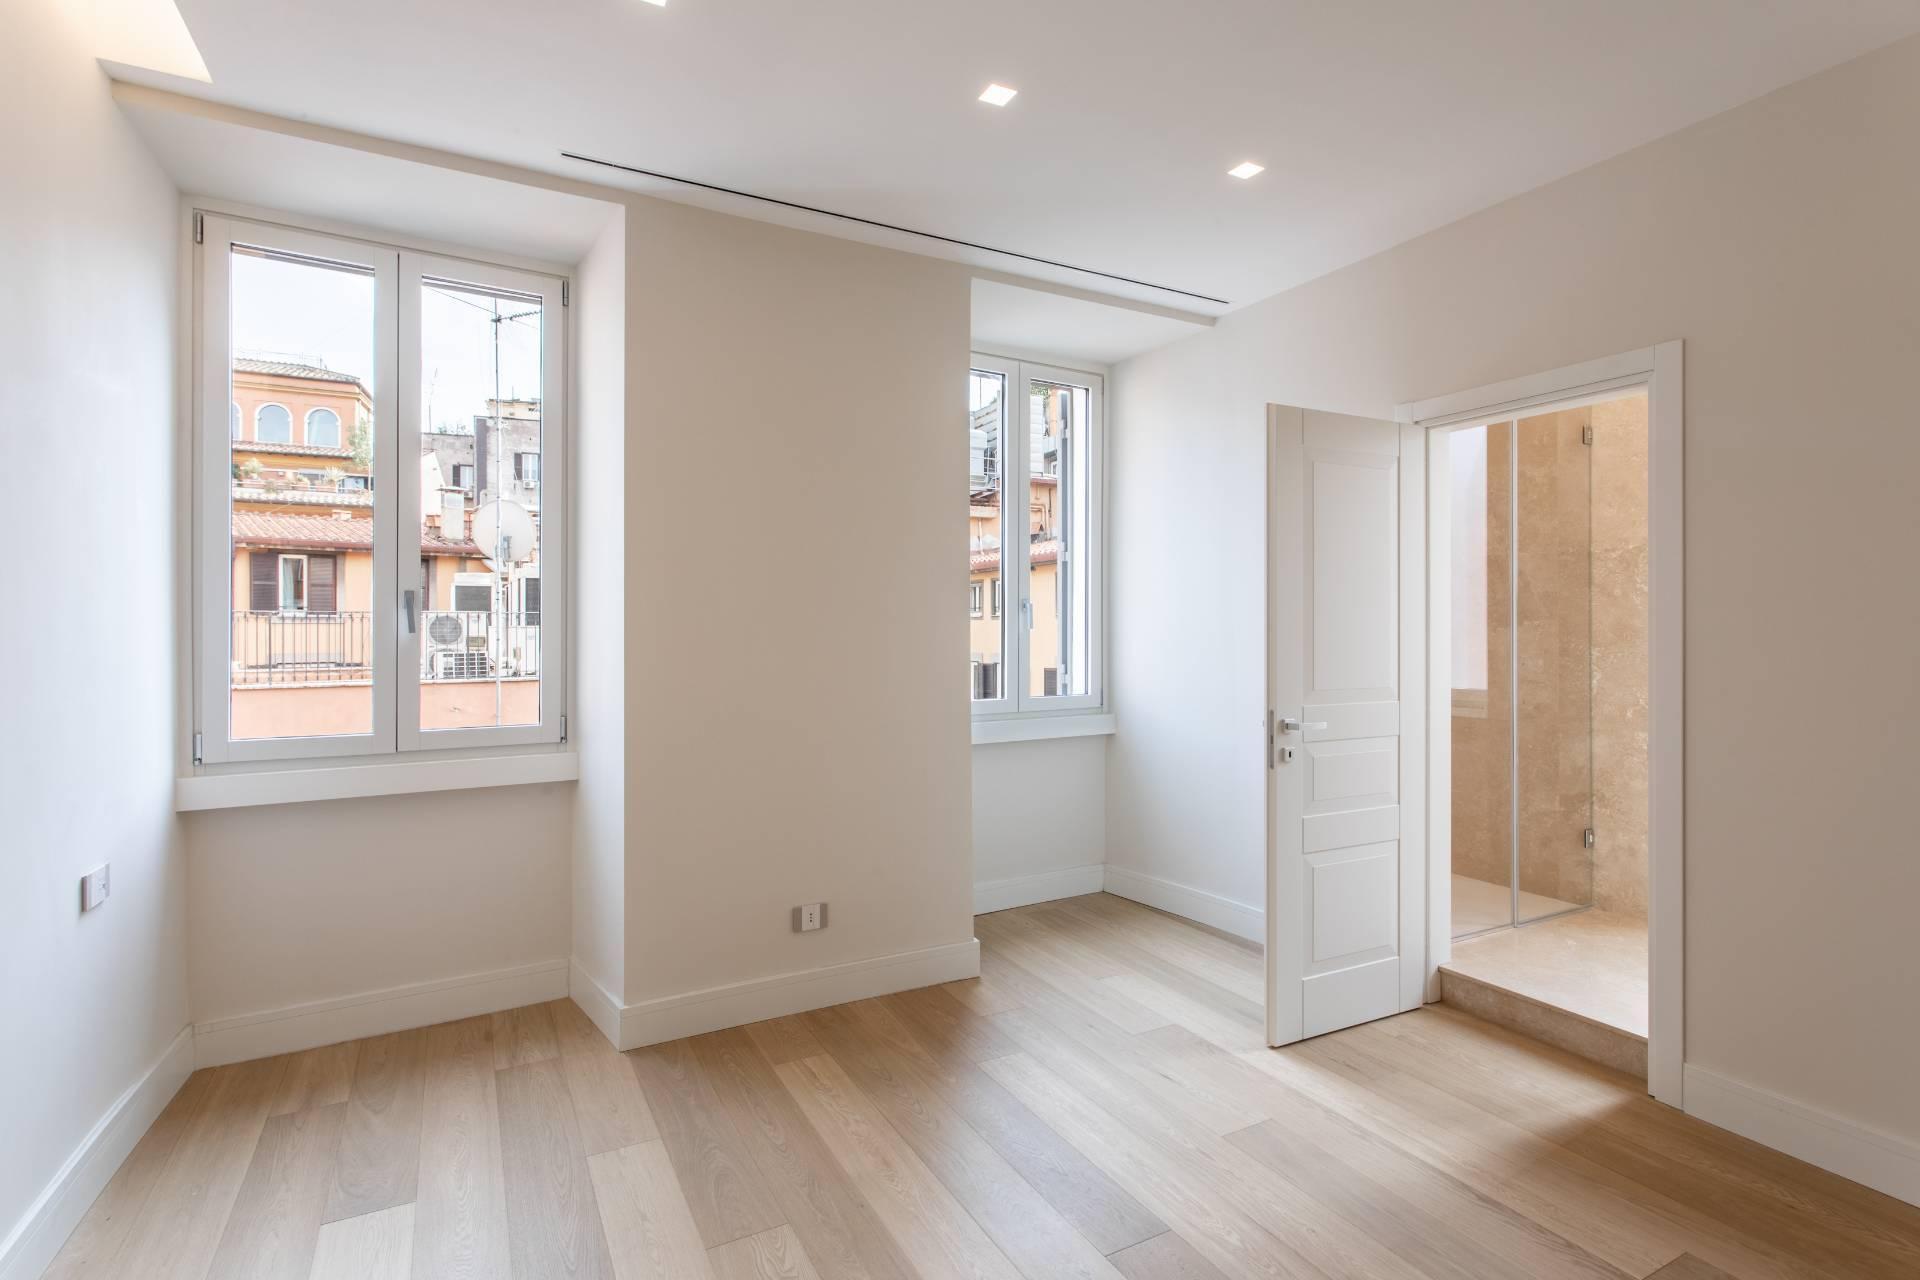 Spanish Steps luxury turnkey new development - 13